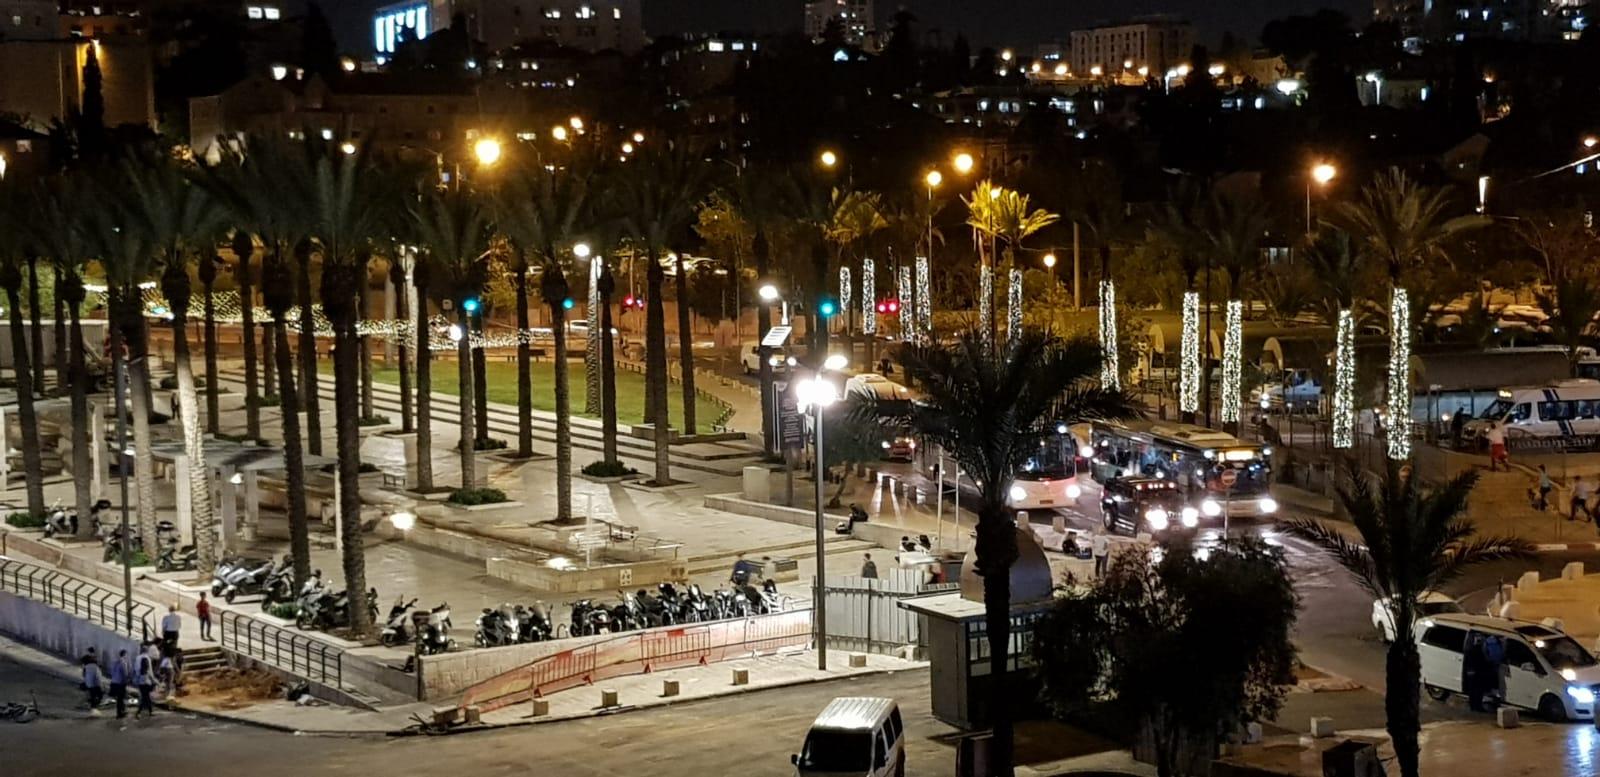 חודש הרמדאן בירושלים (צילום: עיריית ירושלים)